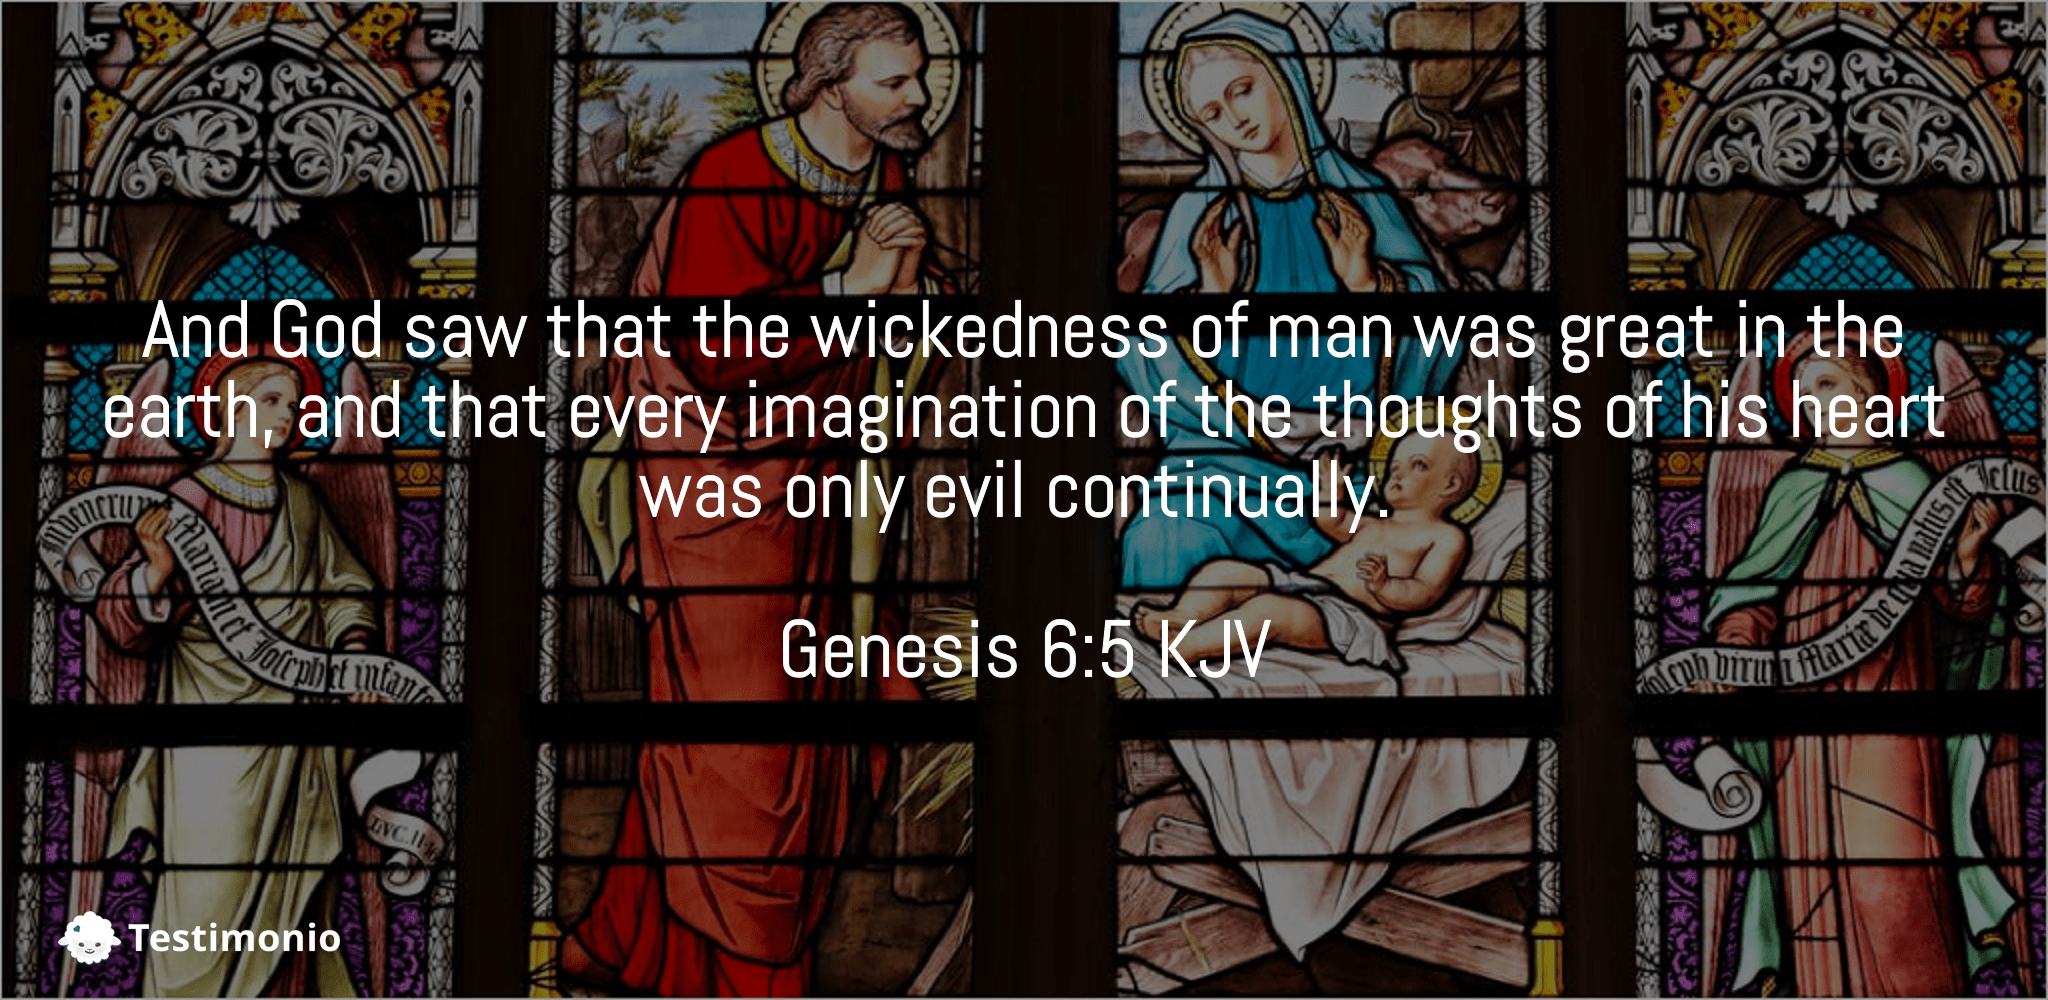 Genesis 6:5